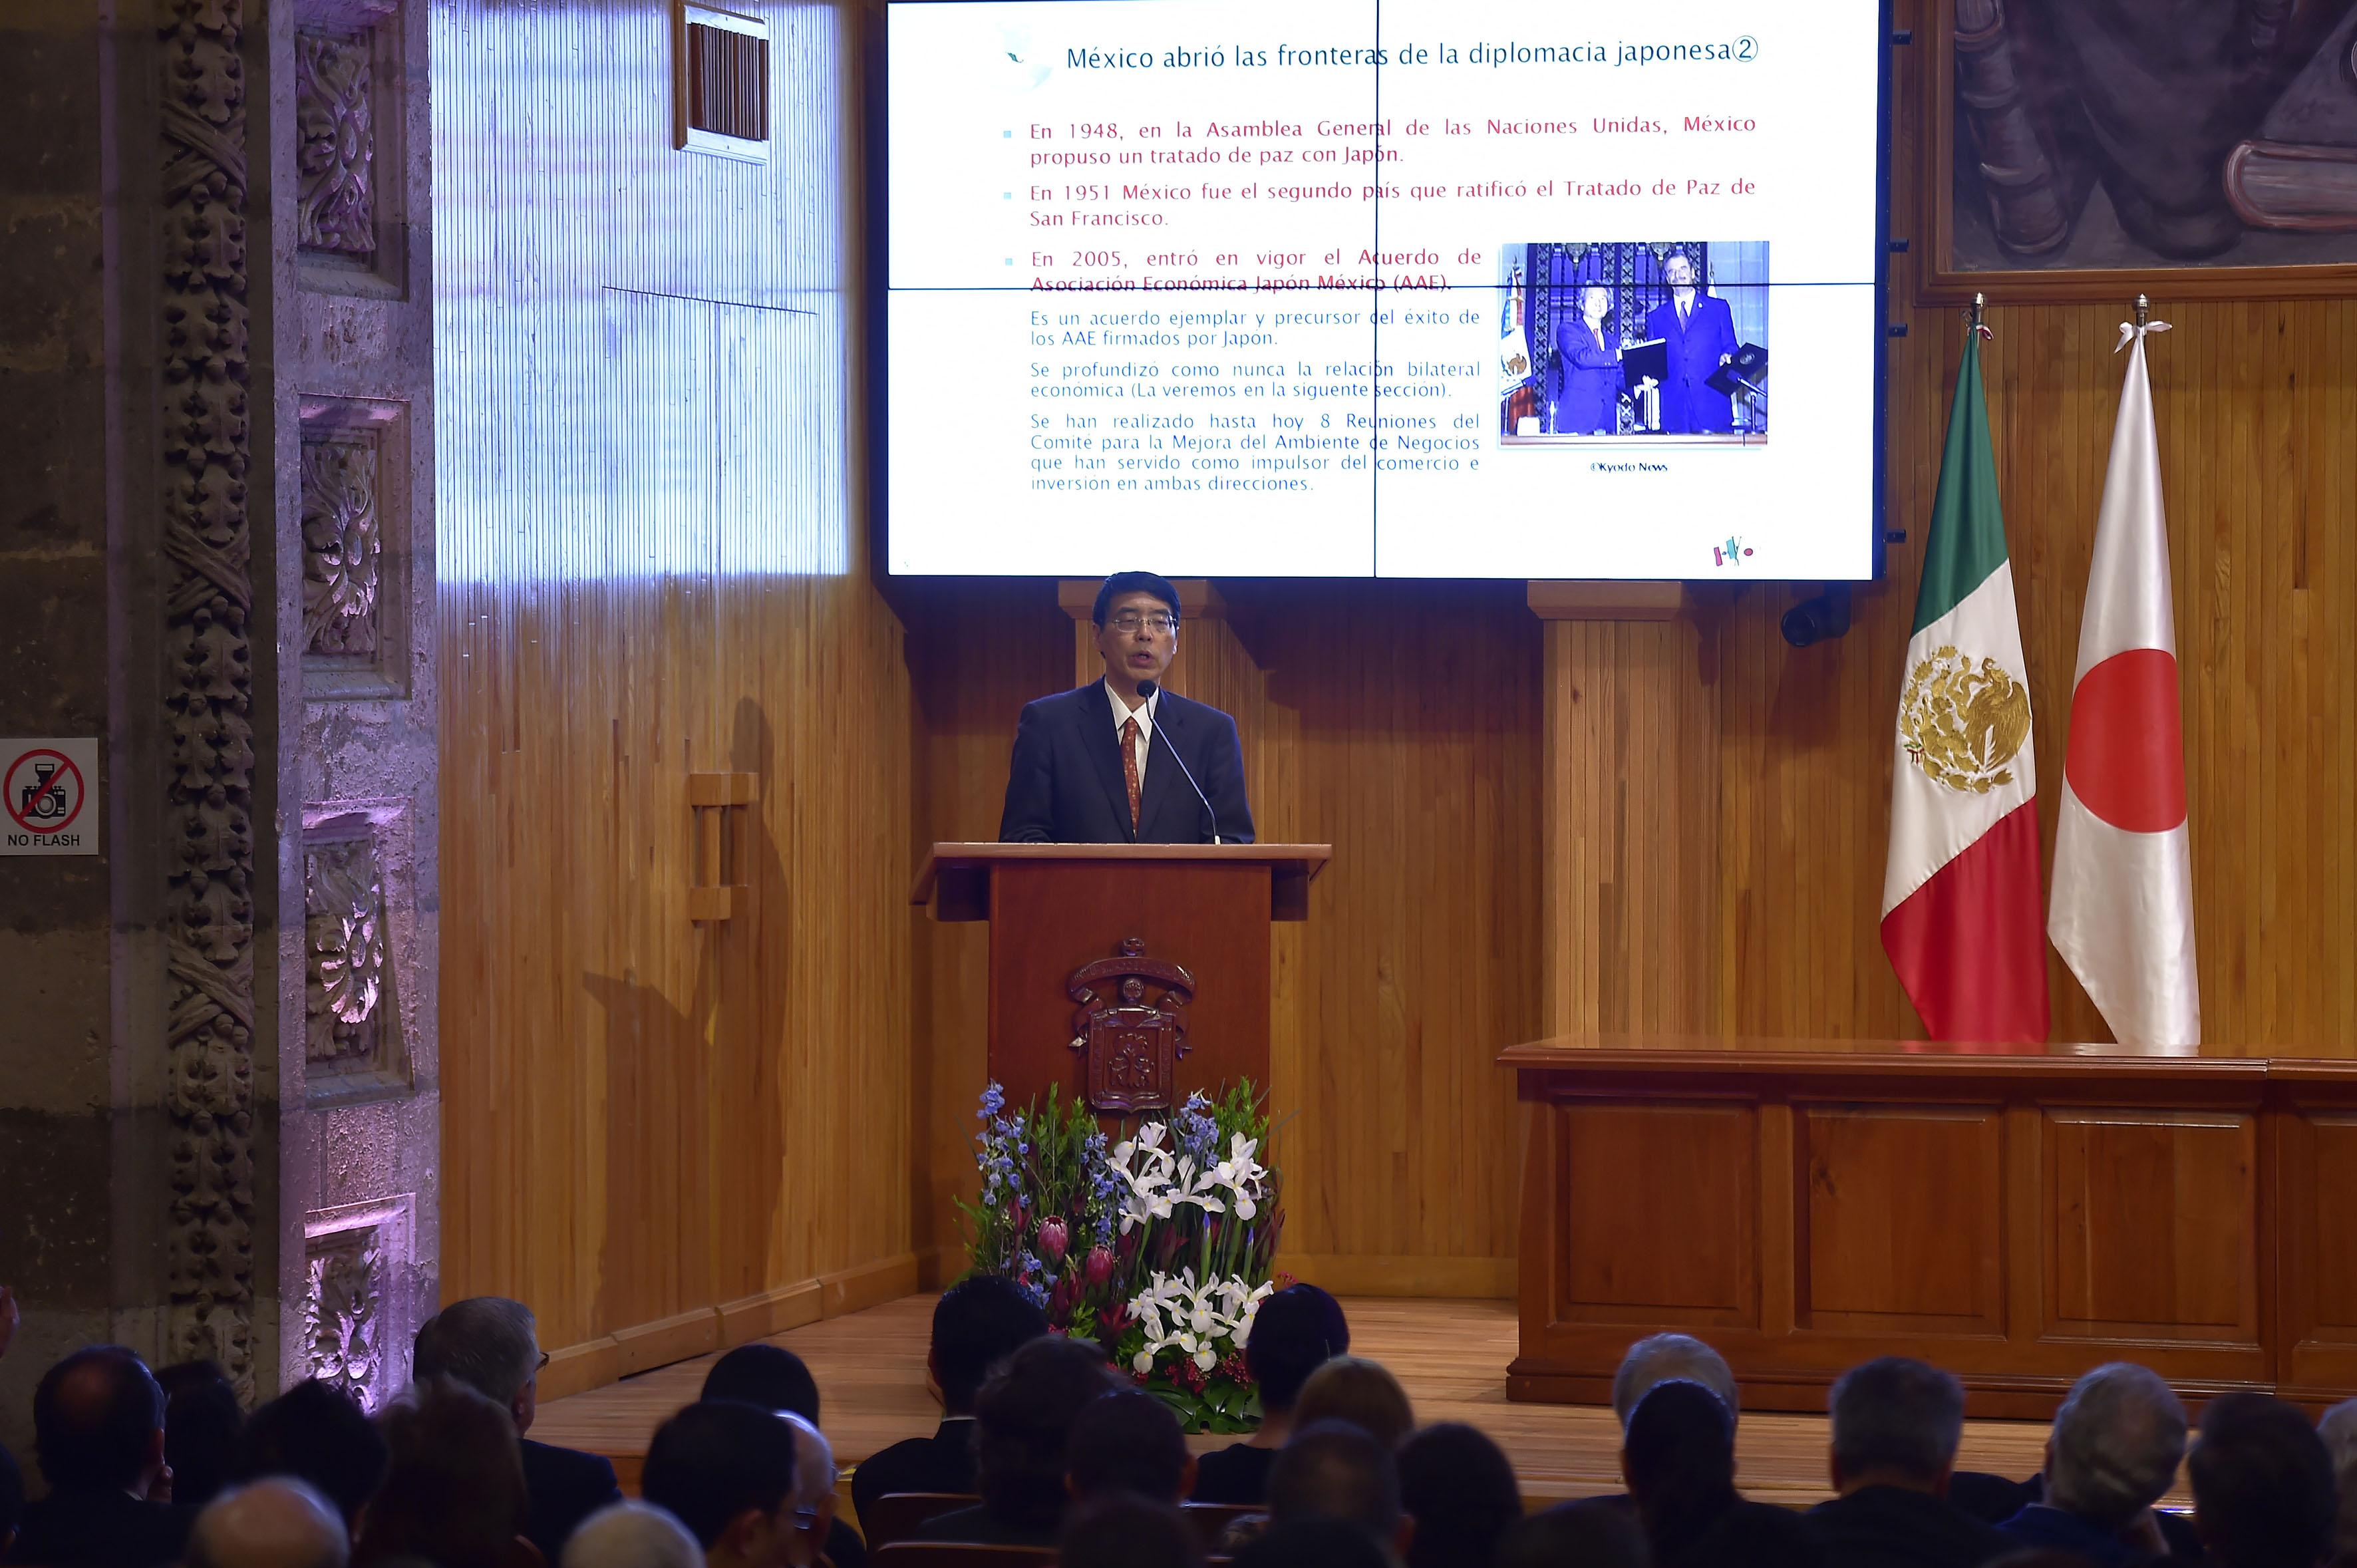 Embajador de Japón en México, Akira Yamada haciendo uso de la palabra